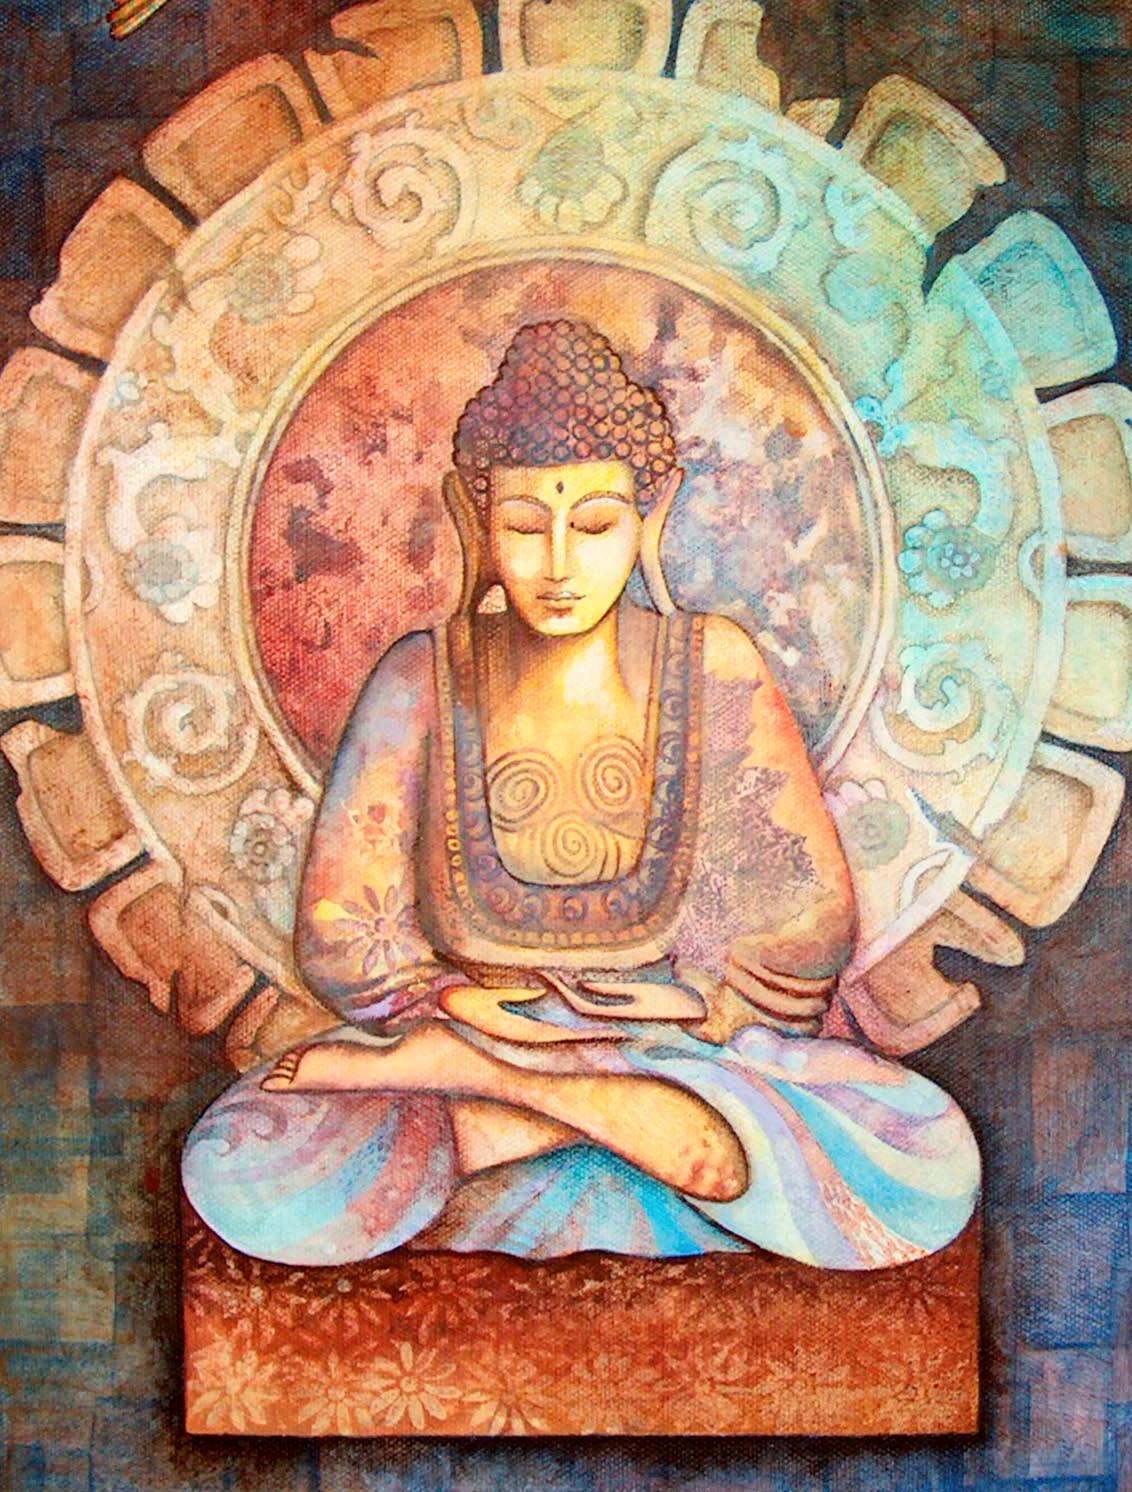 Bienvenidos al nuevo foro de apoyo a Noe #285 / 09.09.15 ~ 12.09.15 - Página 4 Bestbuddha